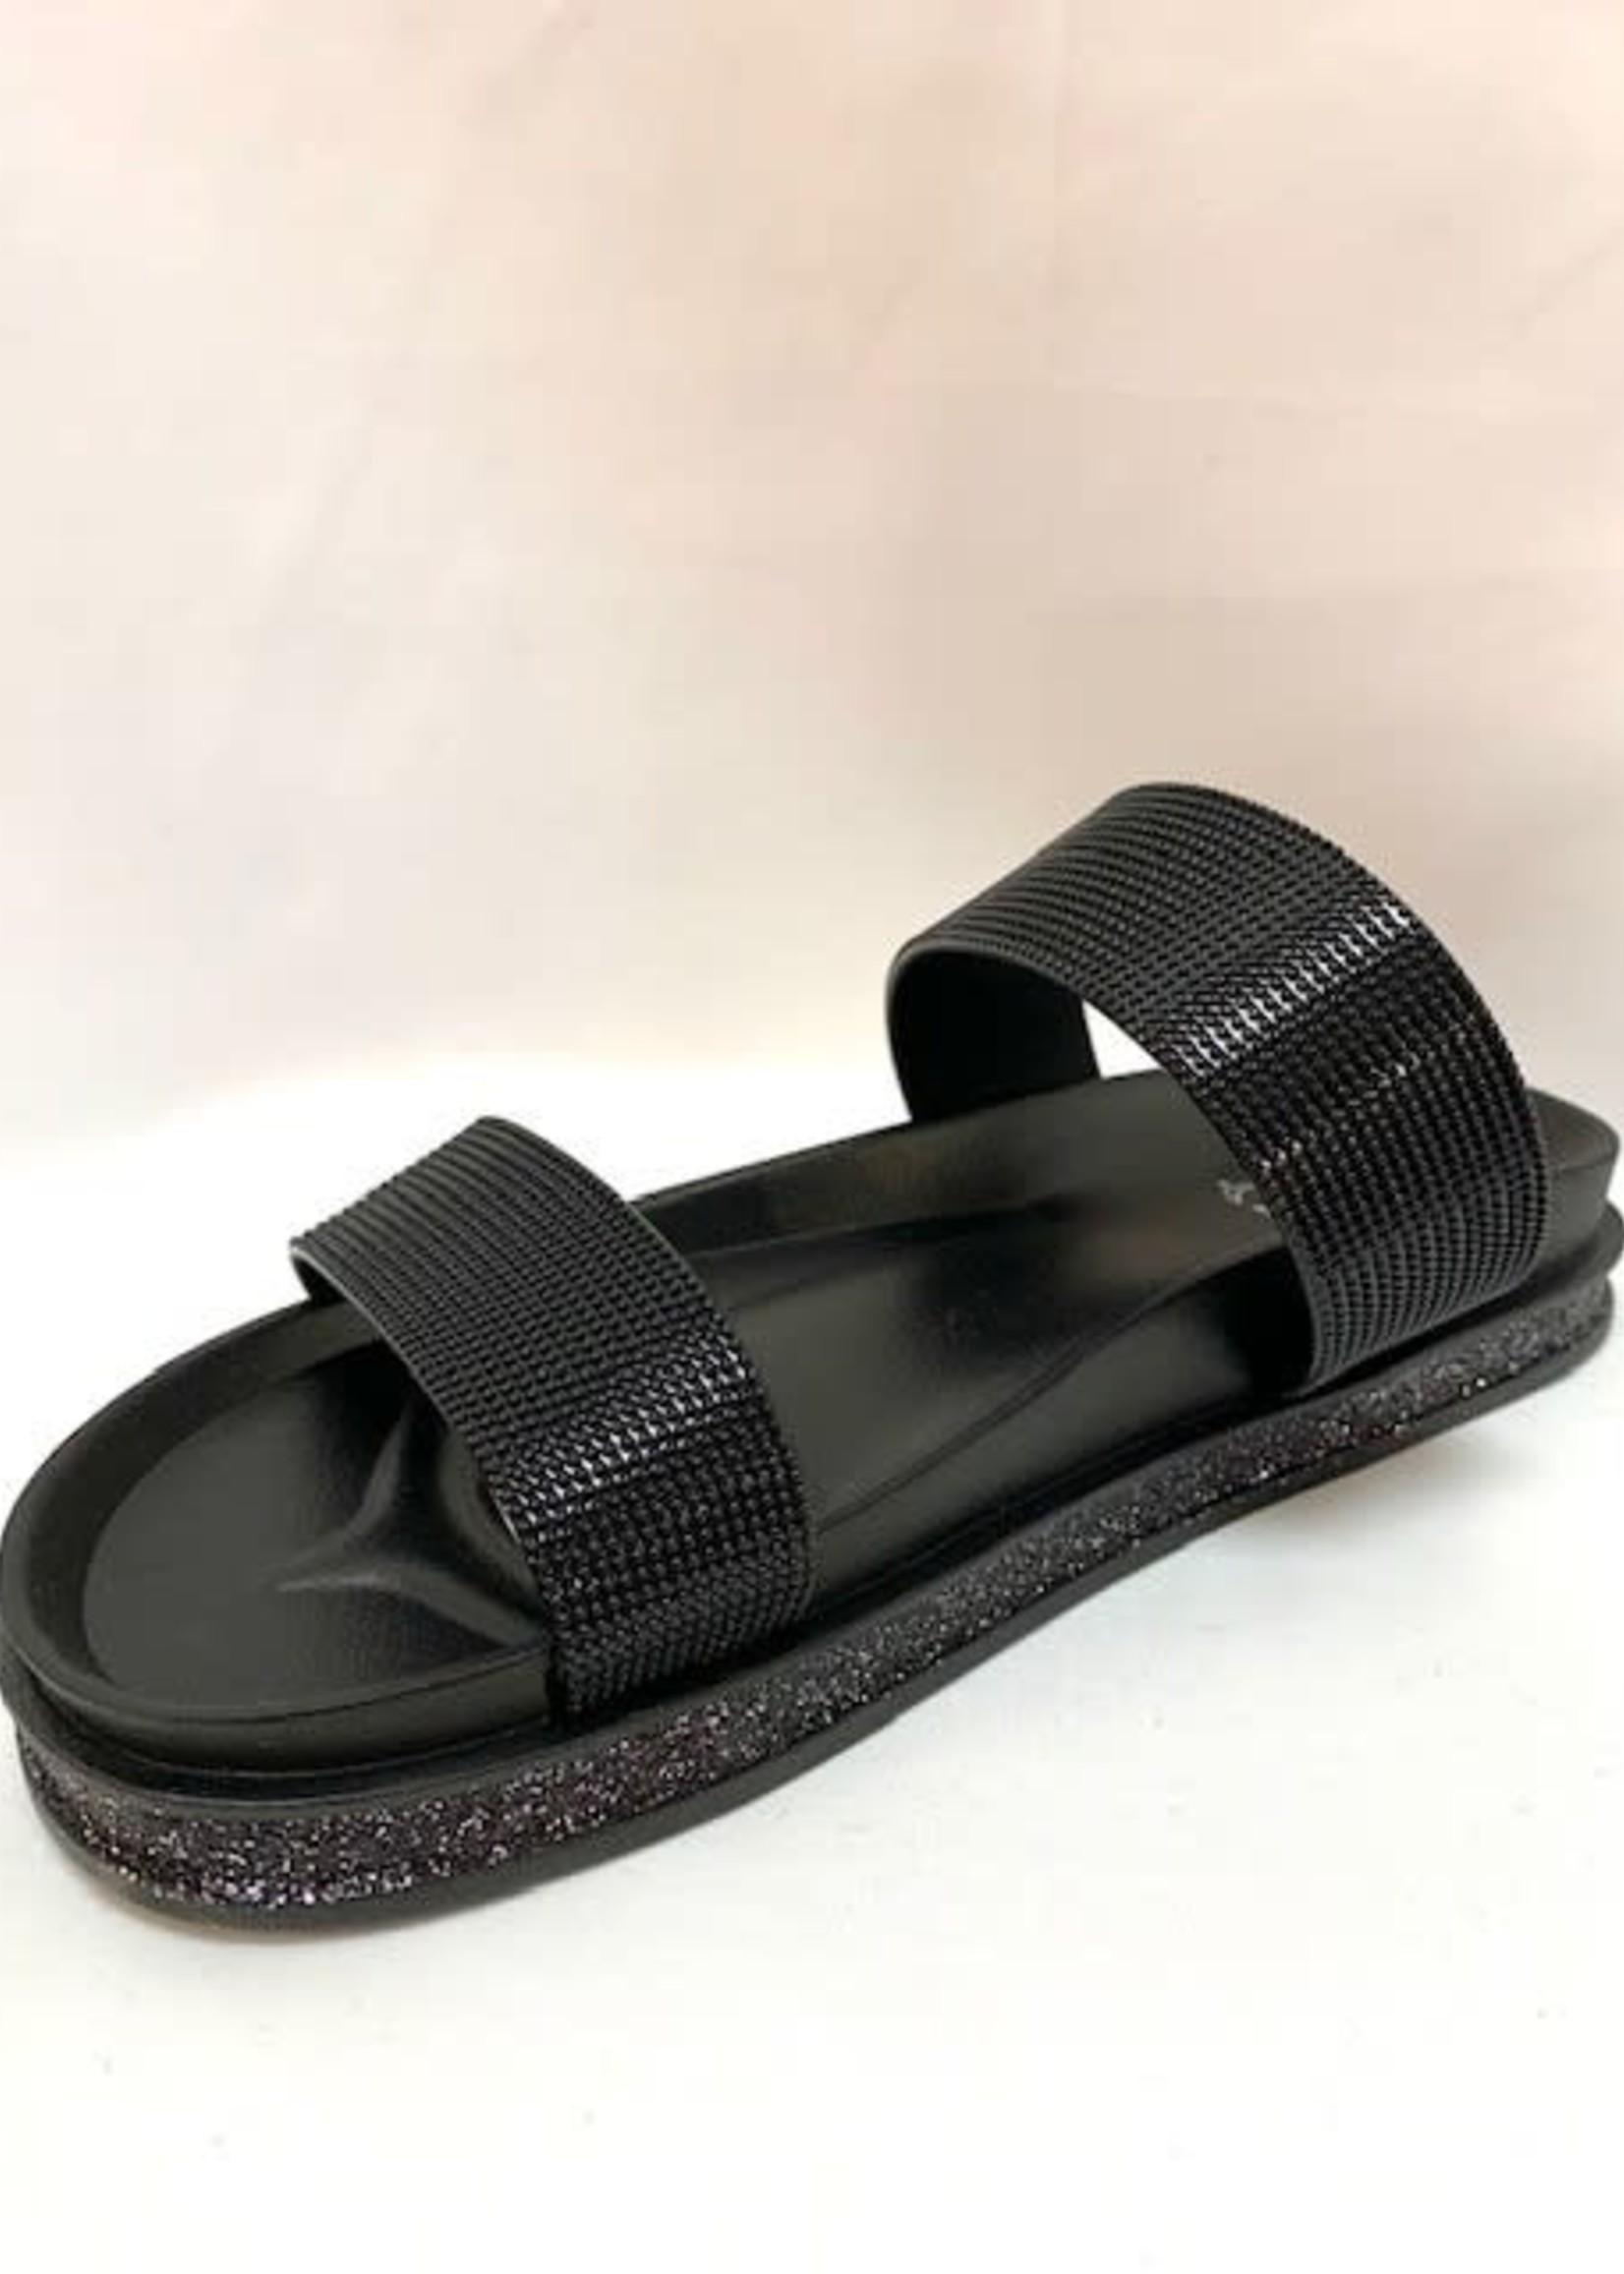 Cyc 2 strap sandal